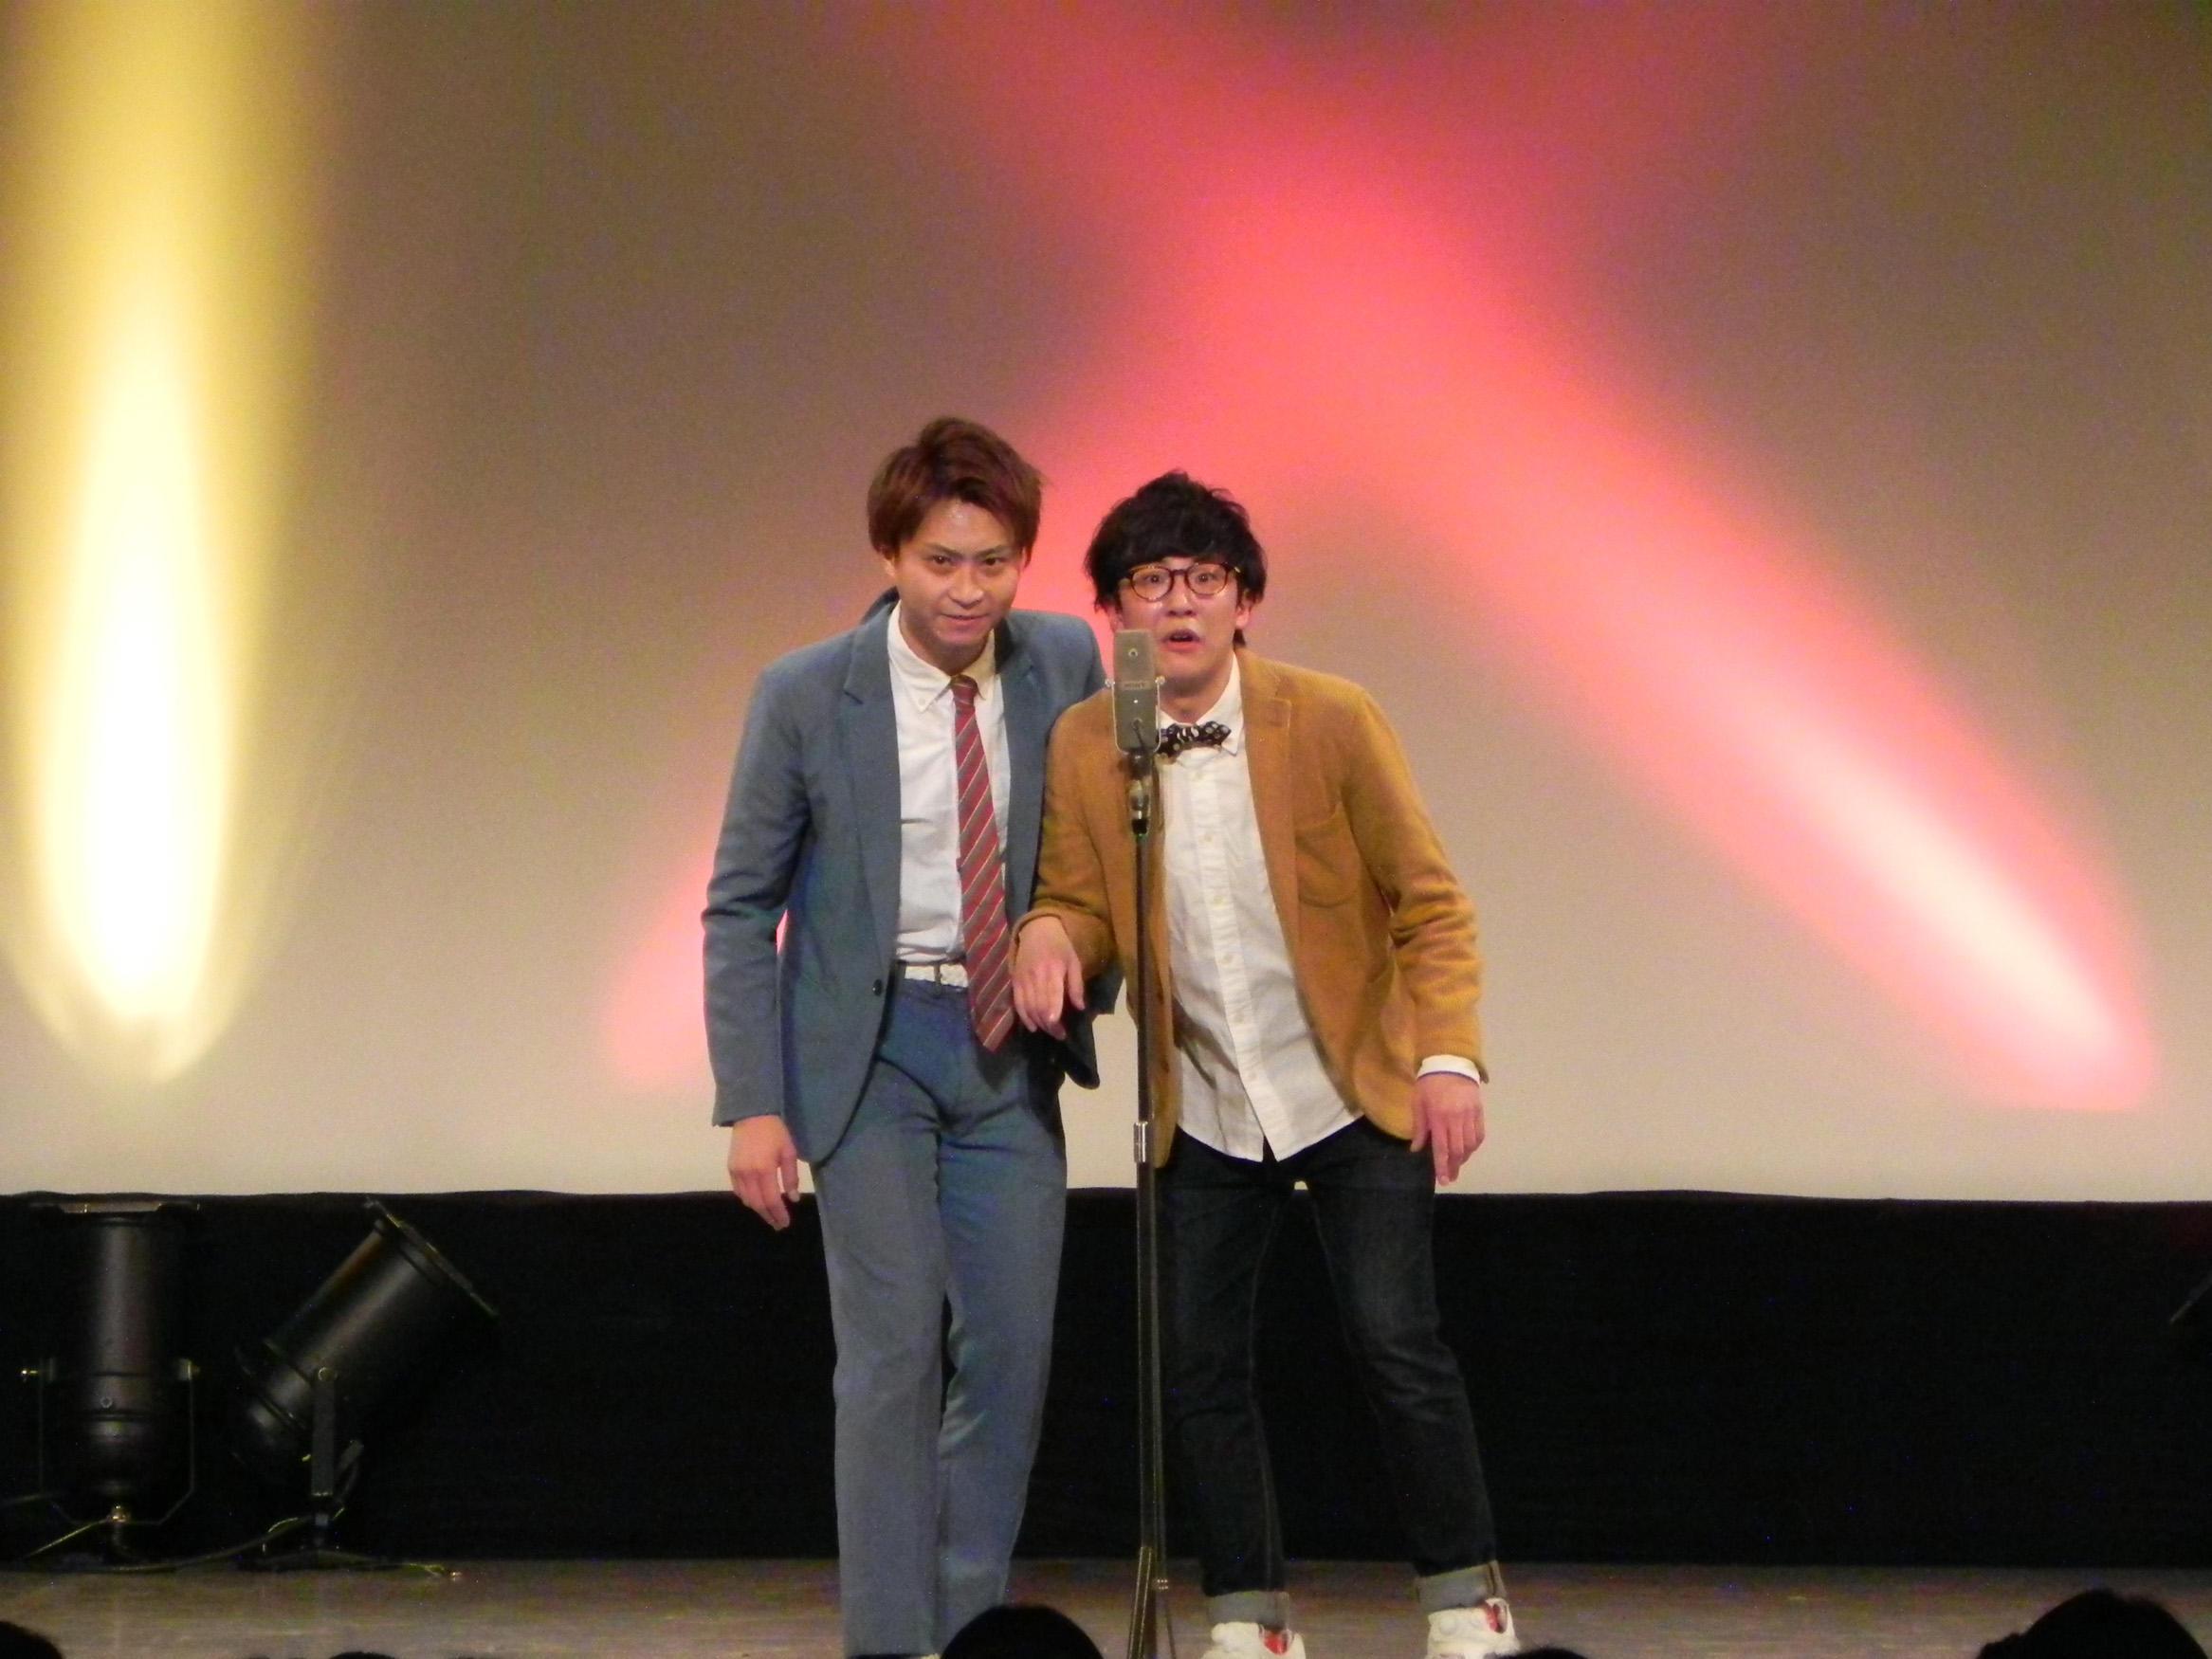 http://news.yoshimoto.co.jp/20170425152222-91b227e77fc5dcc4150c481c09b64404d5ed36f1.jpg